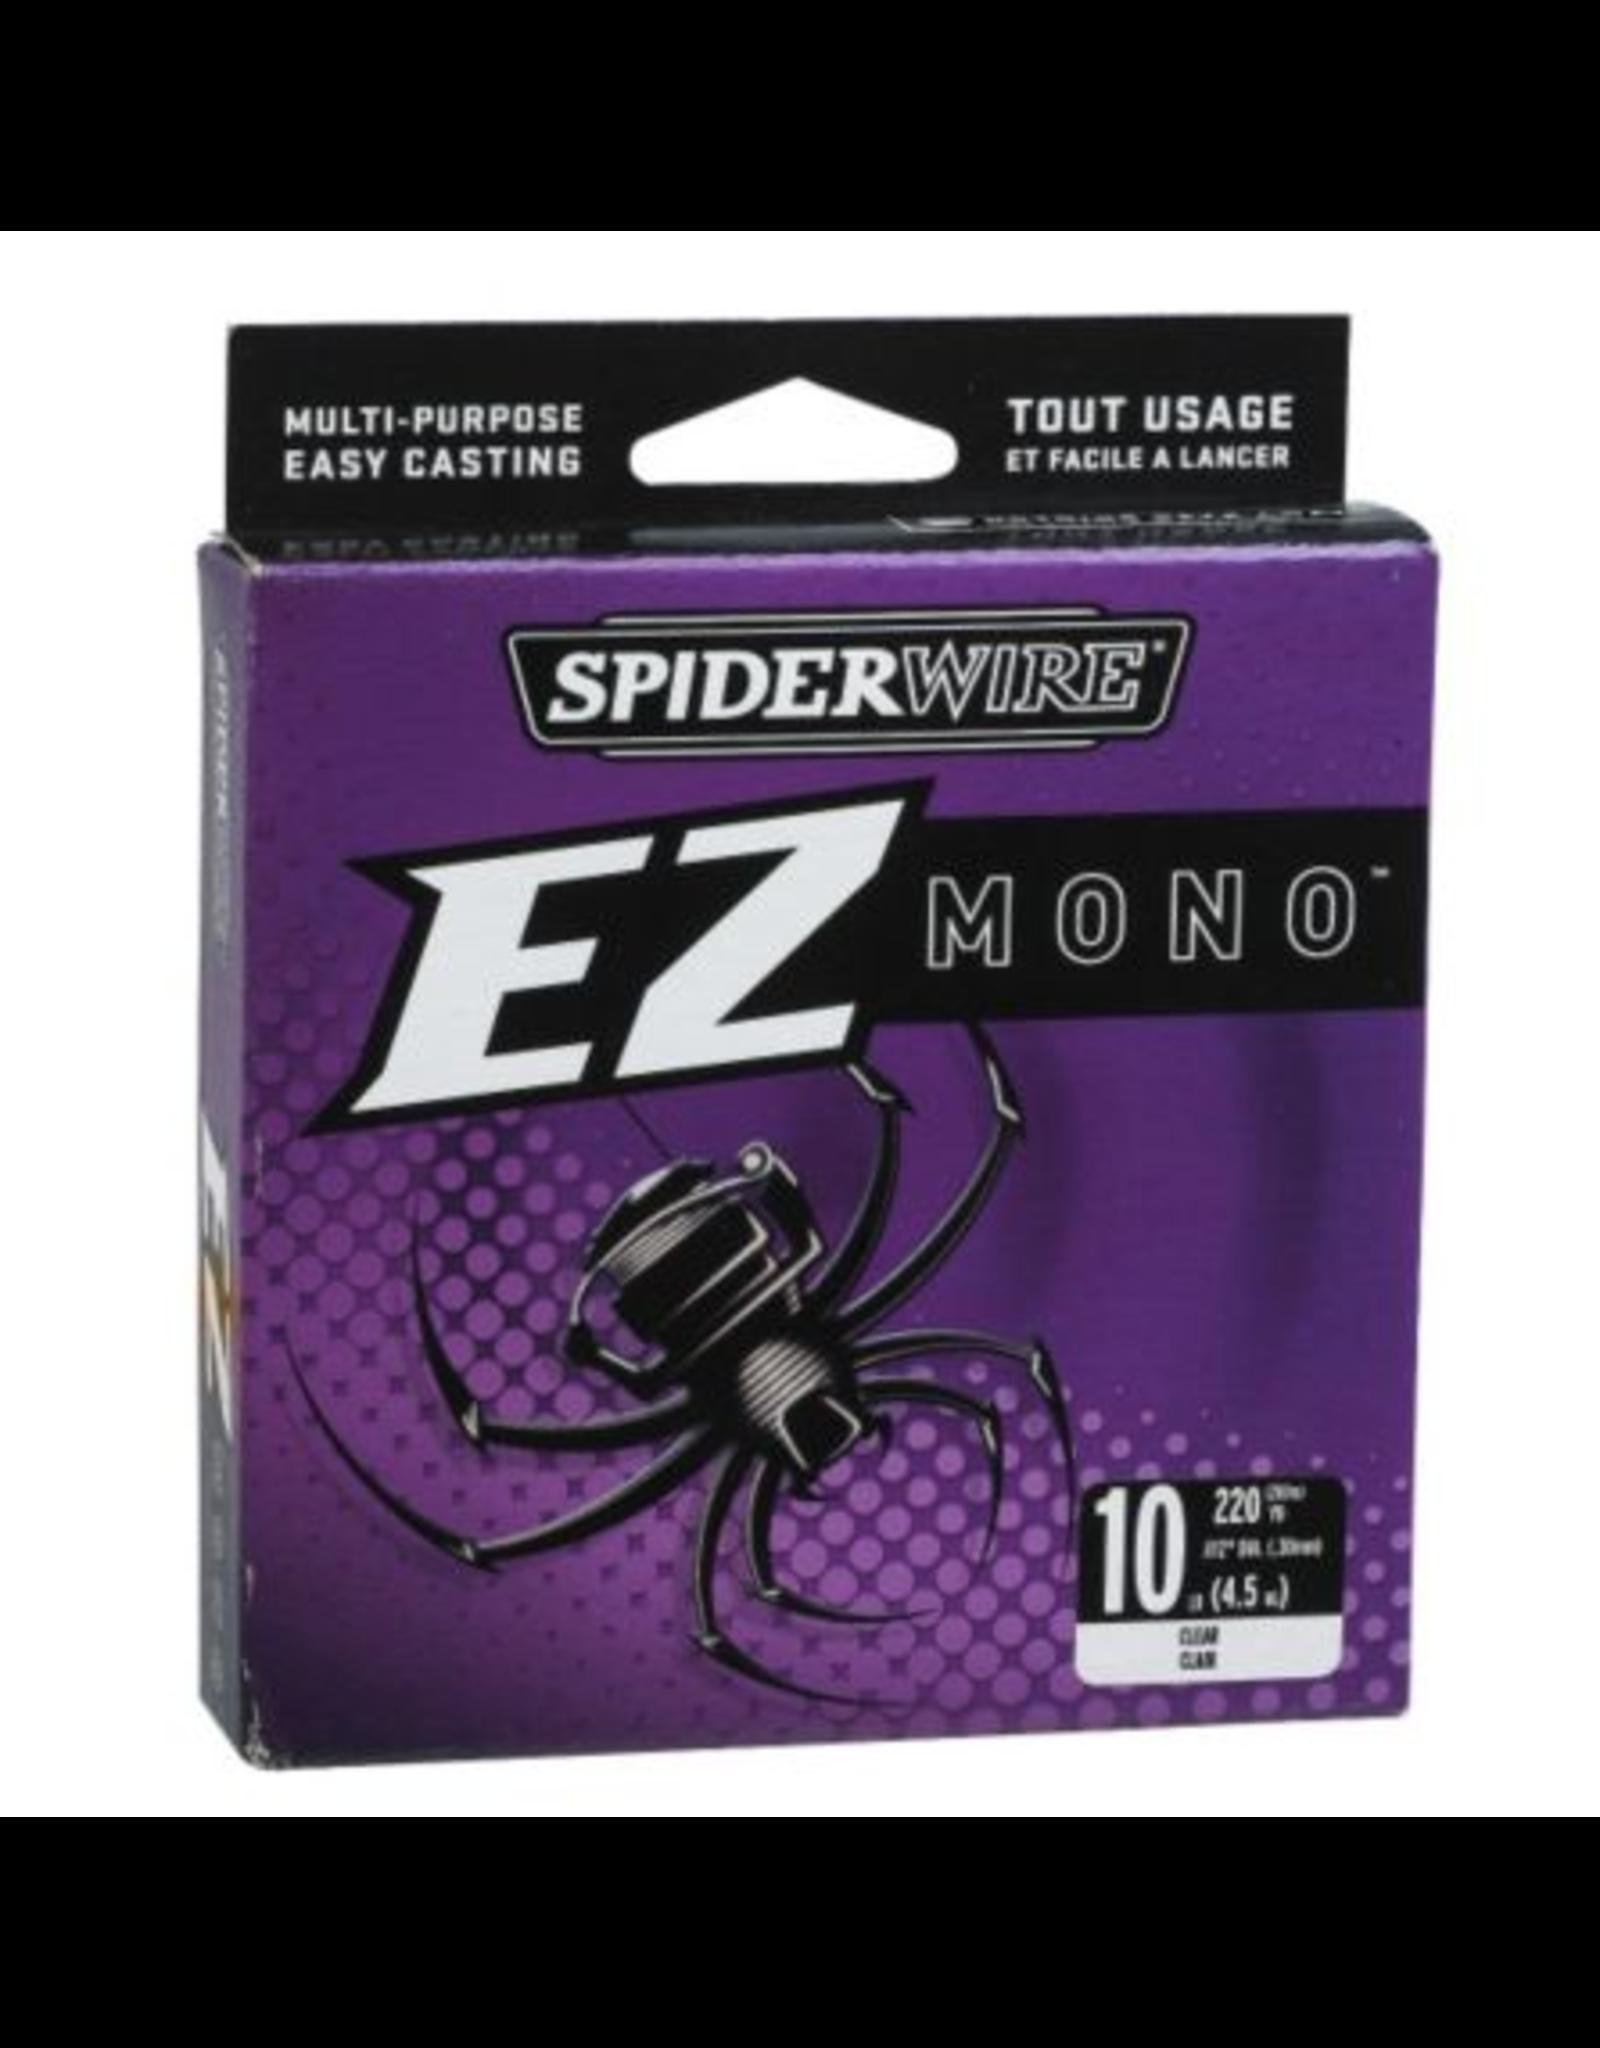 Spiderwire Spiderwire Super Mono EZ